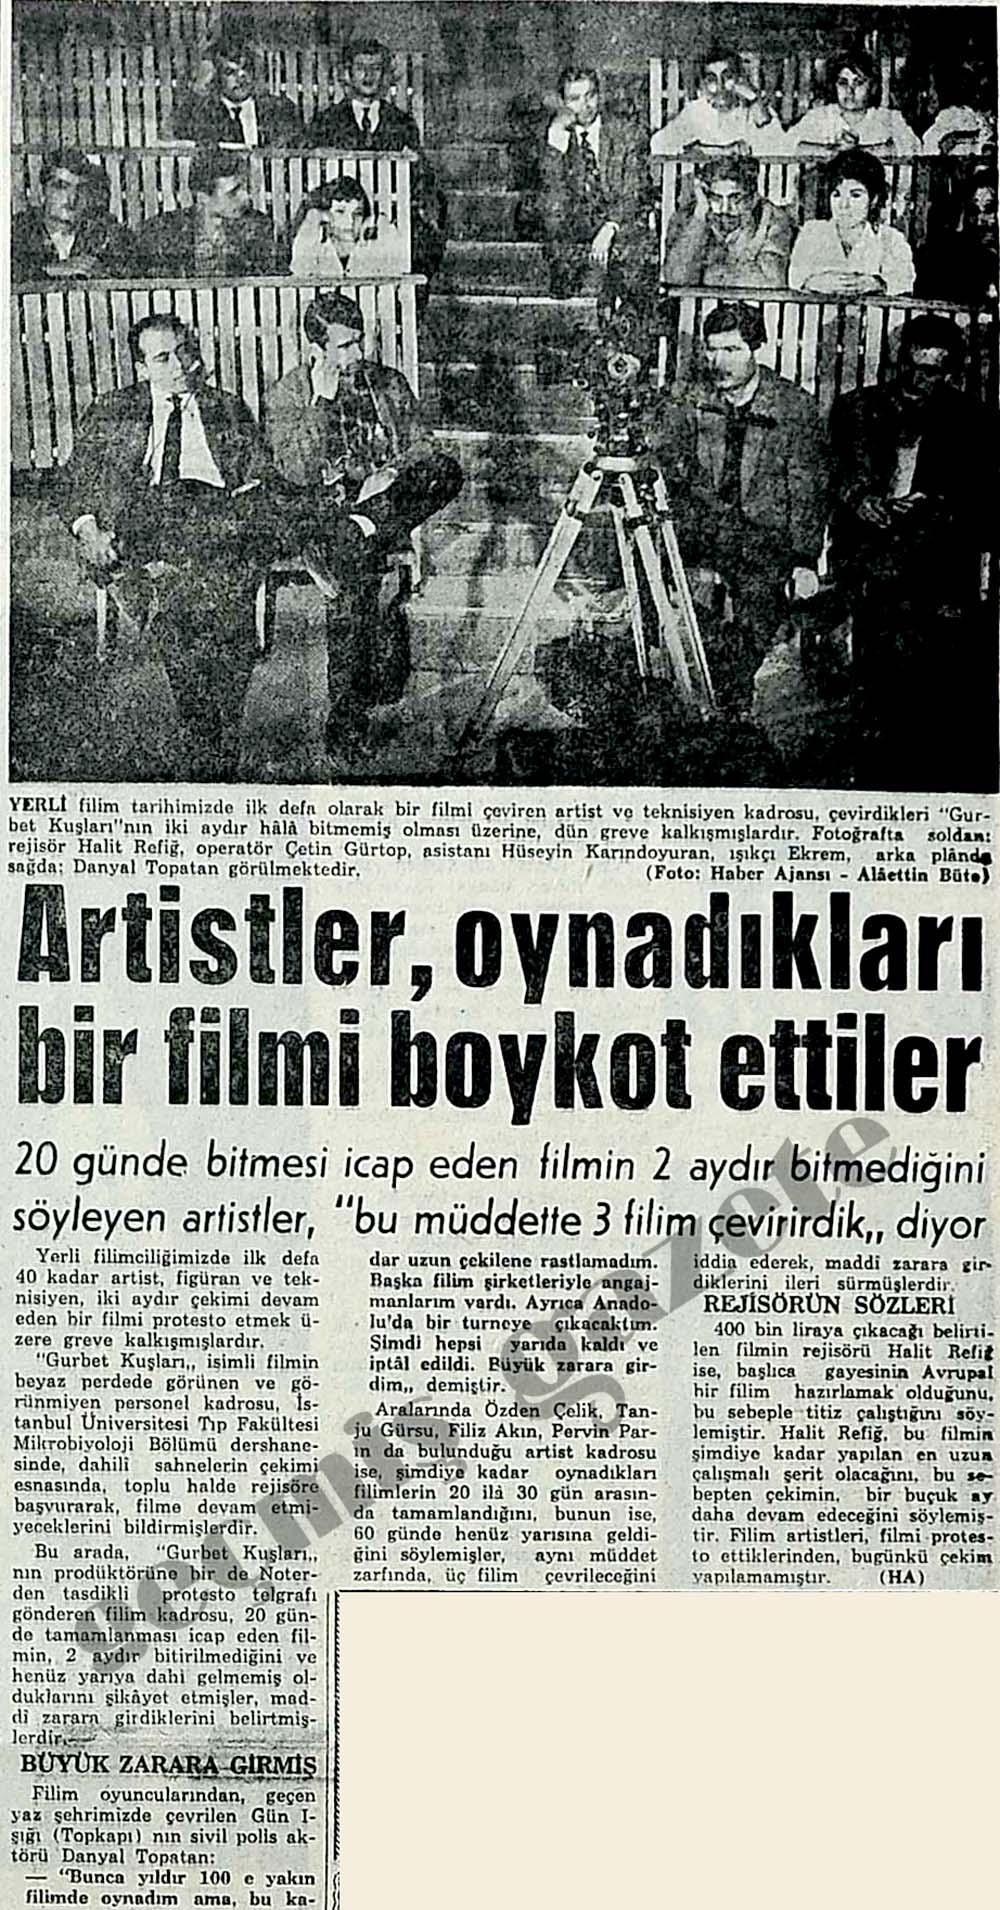 Artistler, oynadıkları bir filmi boykot ettiler